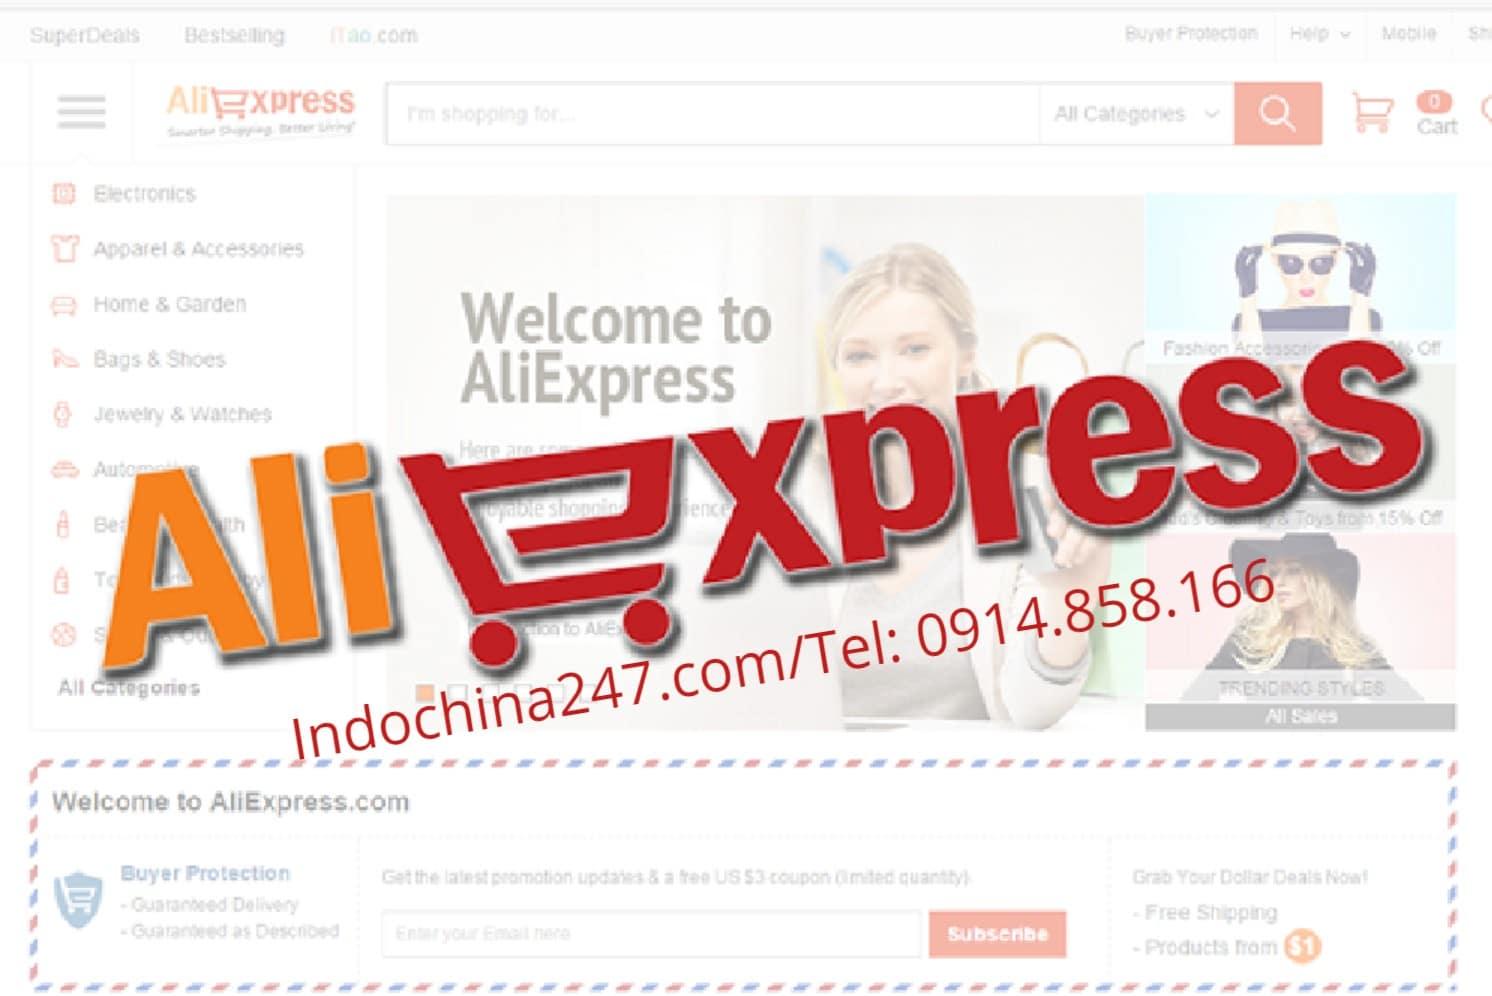 Nhận order đặt mua hàng và vận chuyển từ trên Aliexpress.com